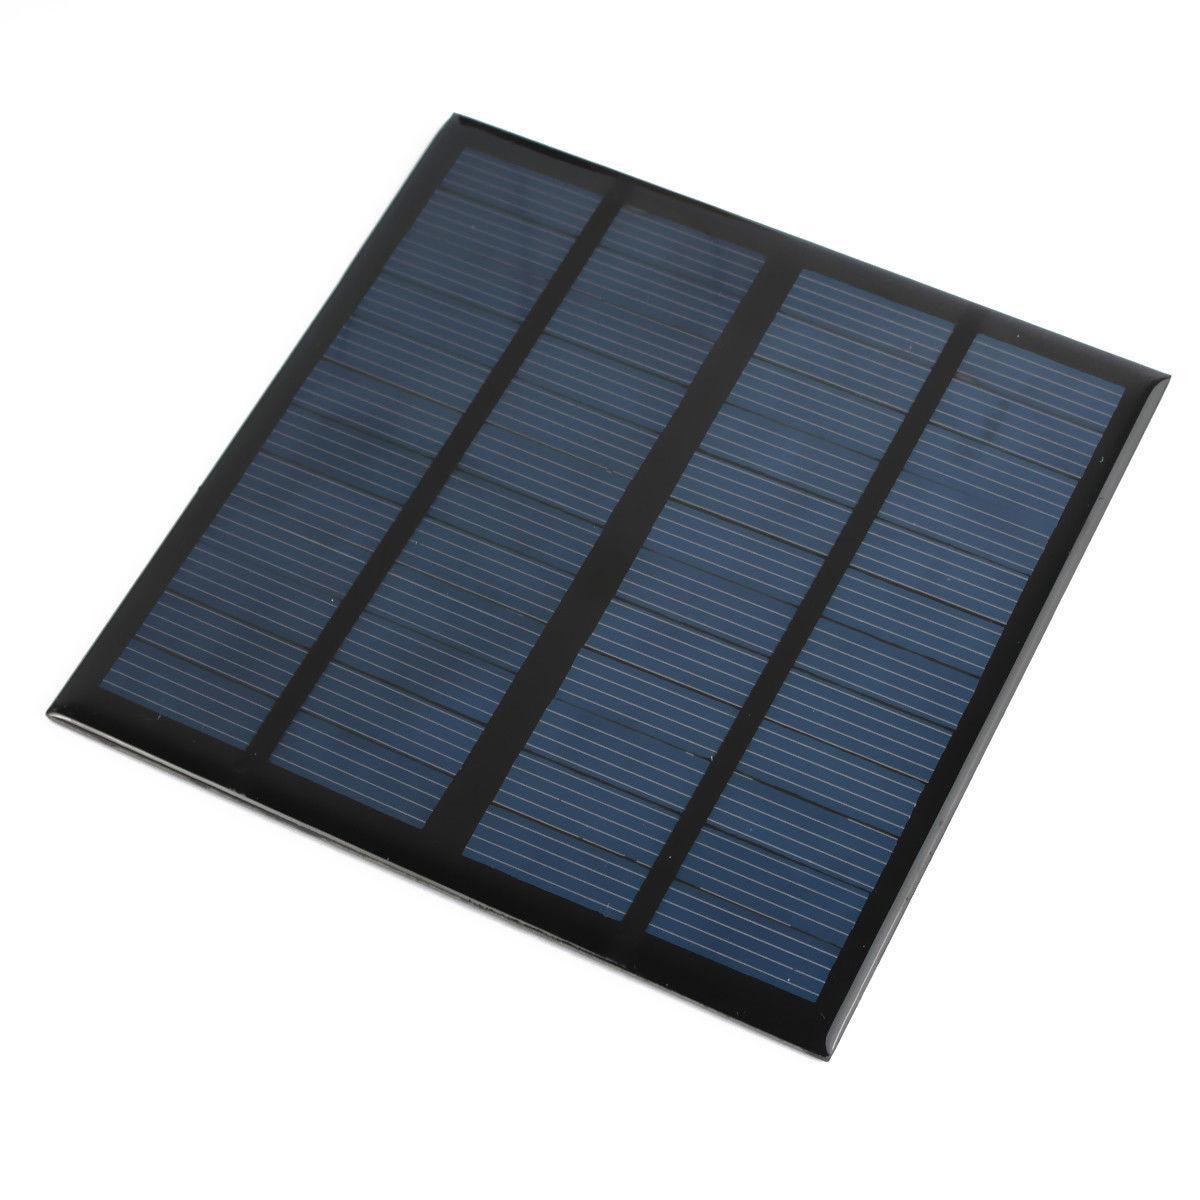 6v 12v 1w 2w 3w Diy Mini Solar Panel Module For Light